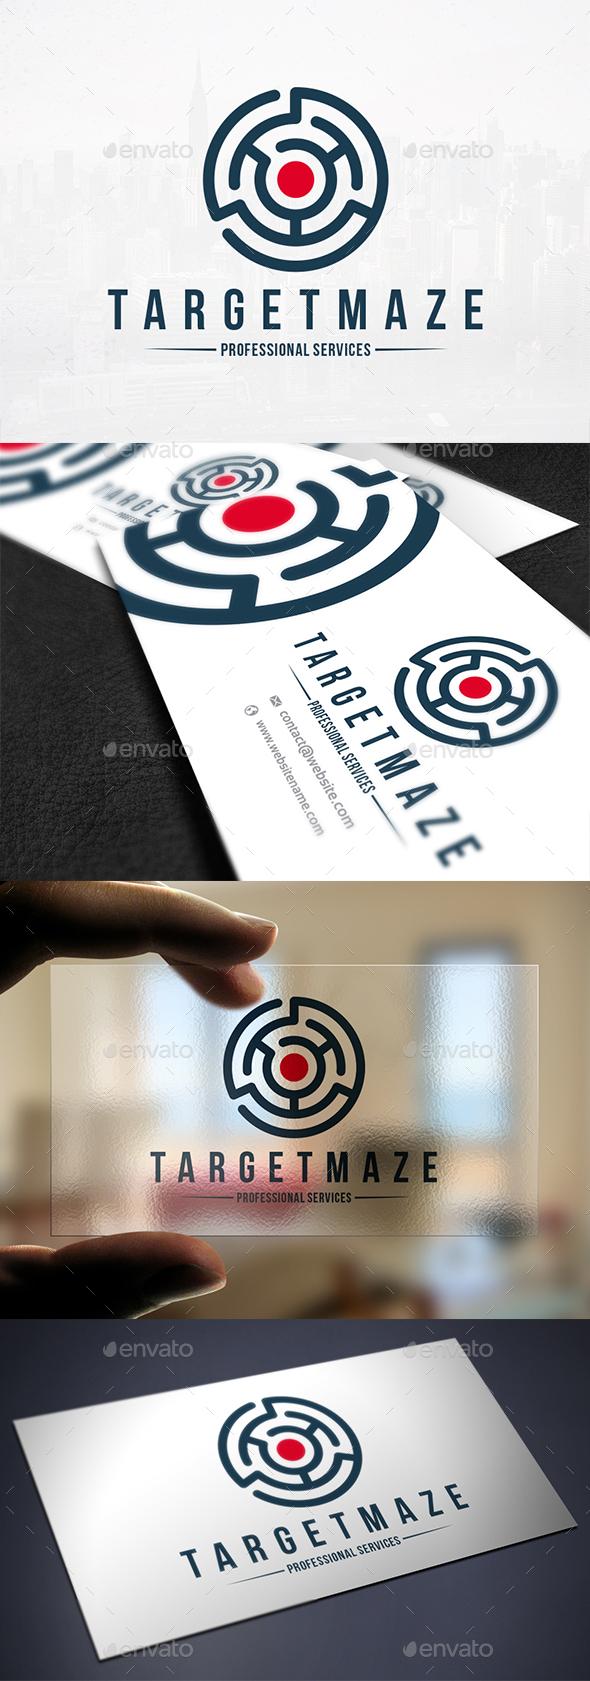 Target Maze Logo Template - Vector Abstract